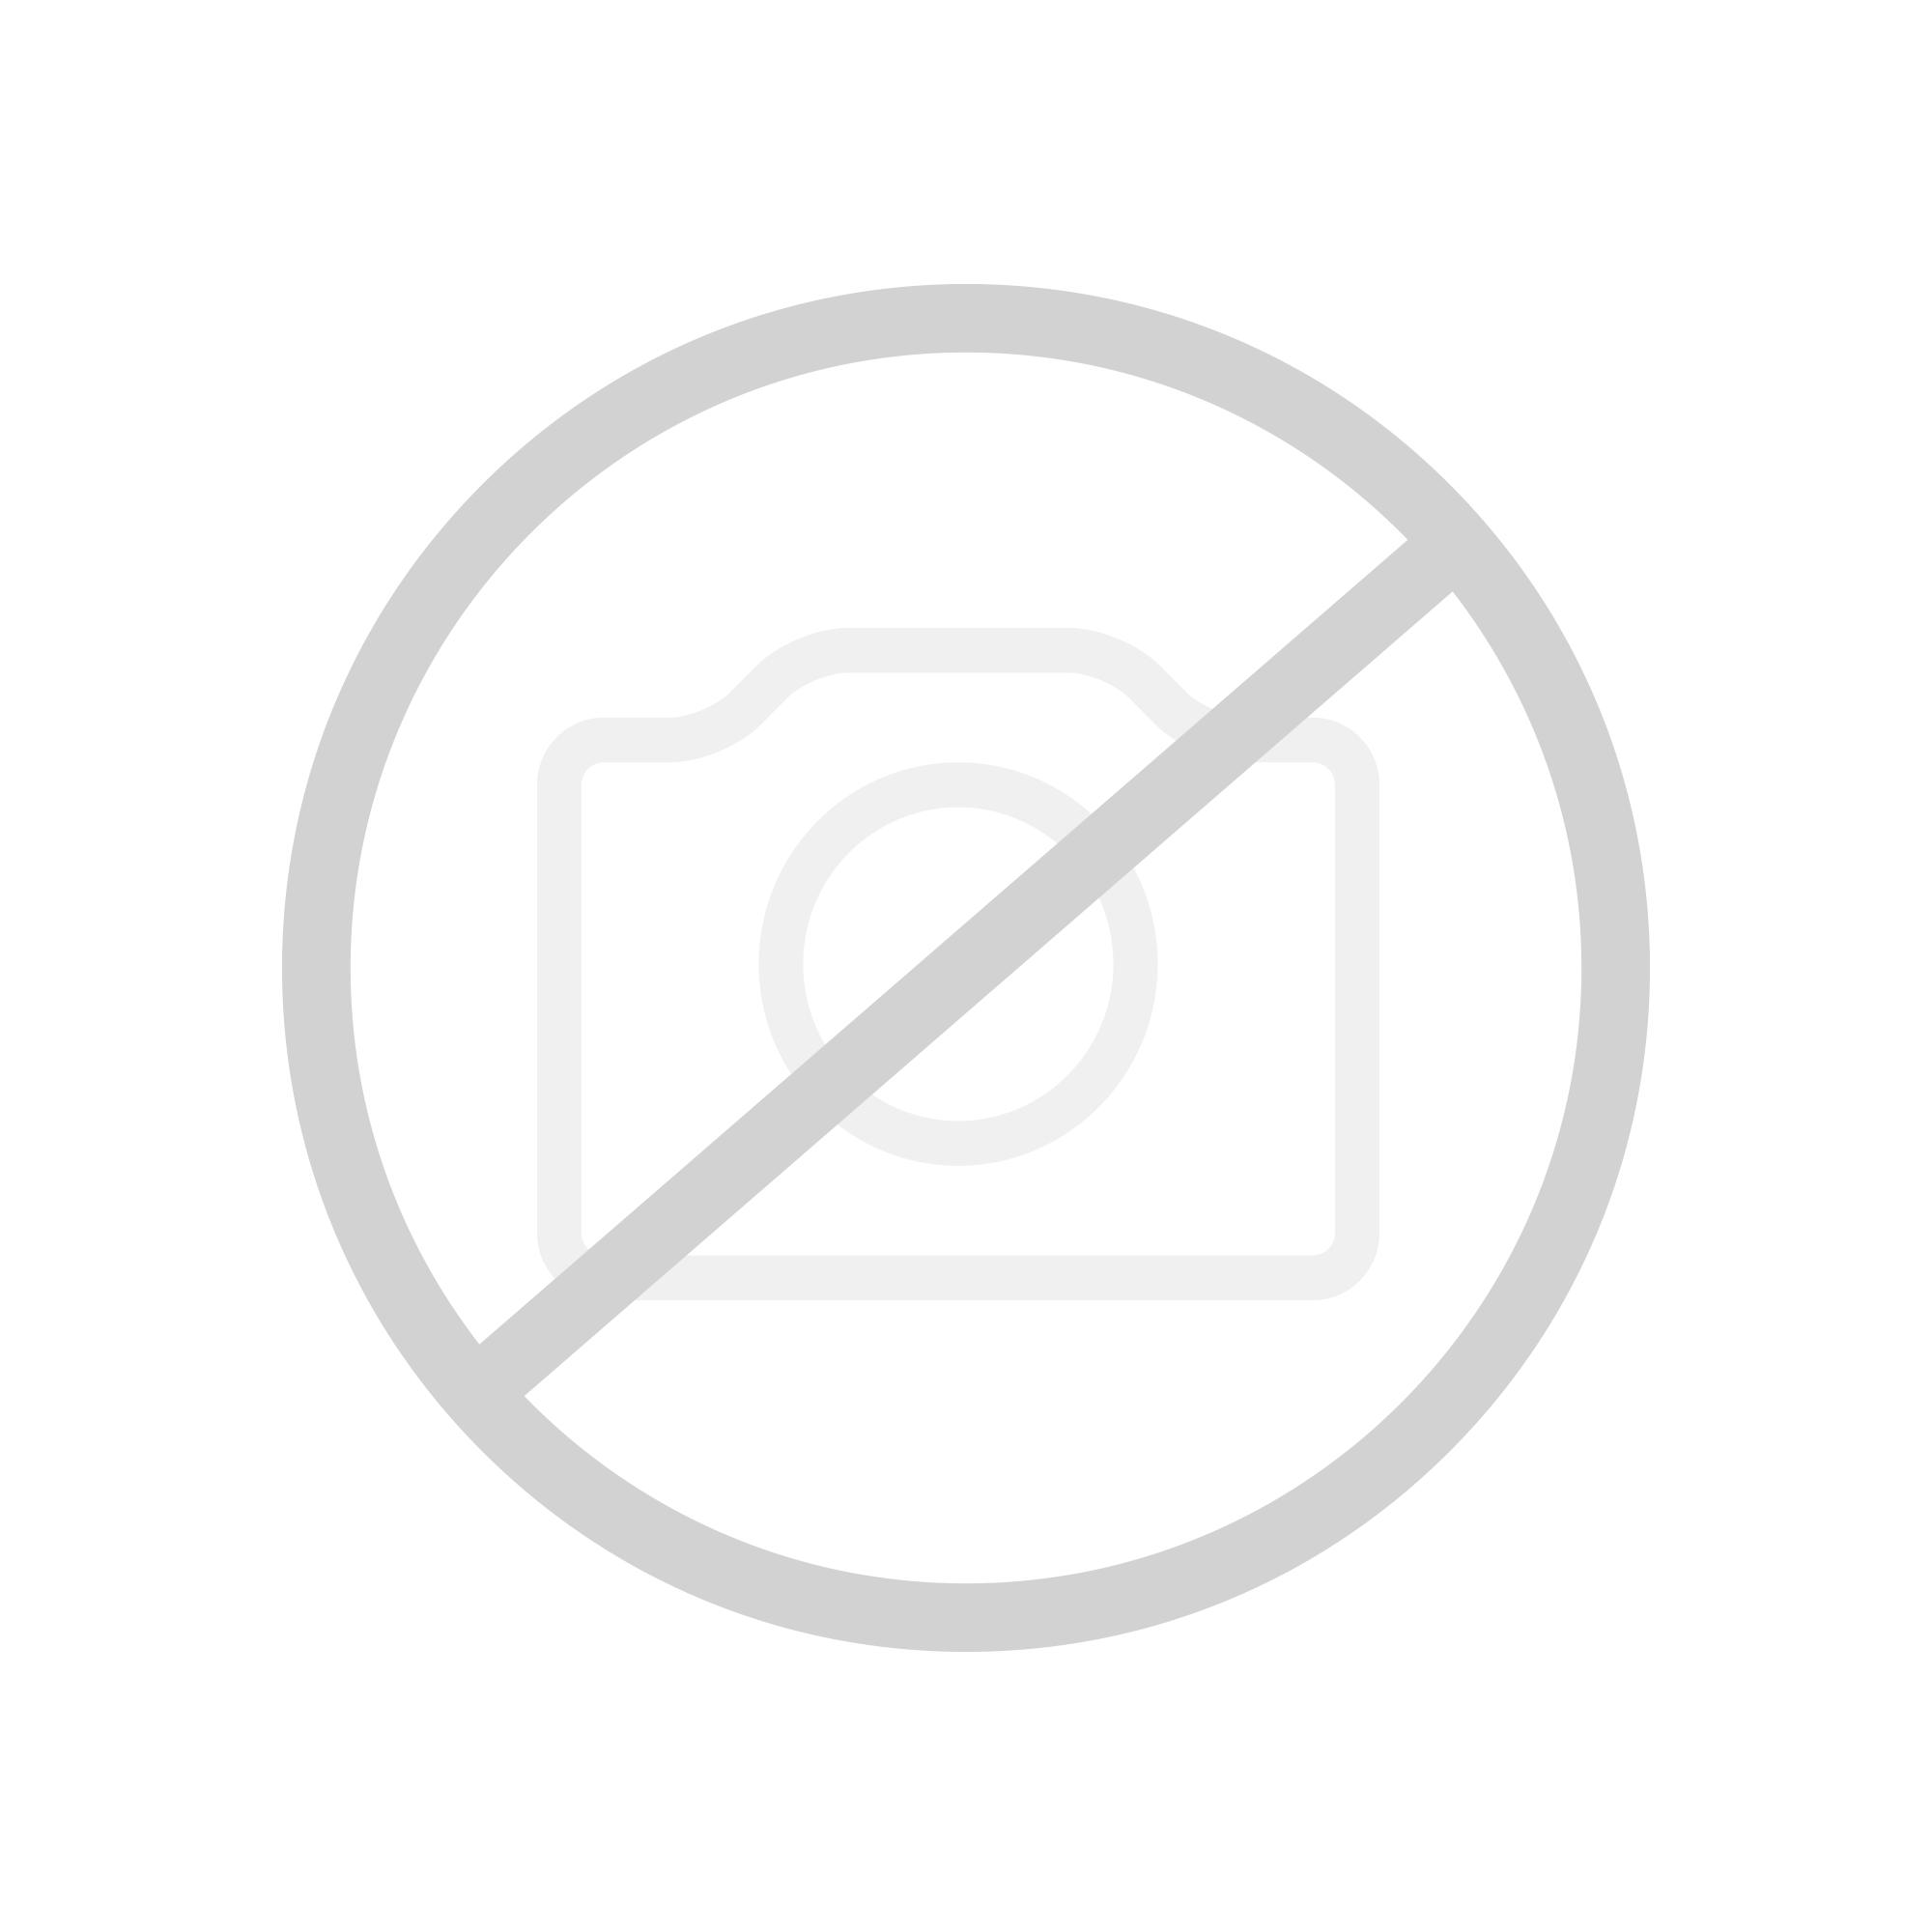 Victoria + Albert Hampshire freistehende-Badewanne weiß, mit weißen Metall Füßen